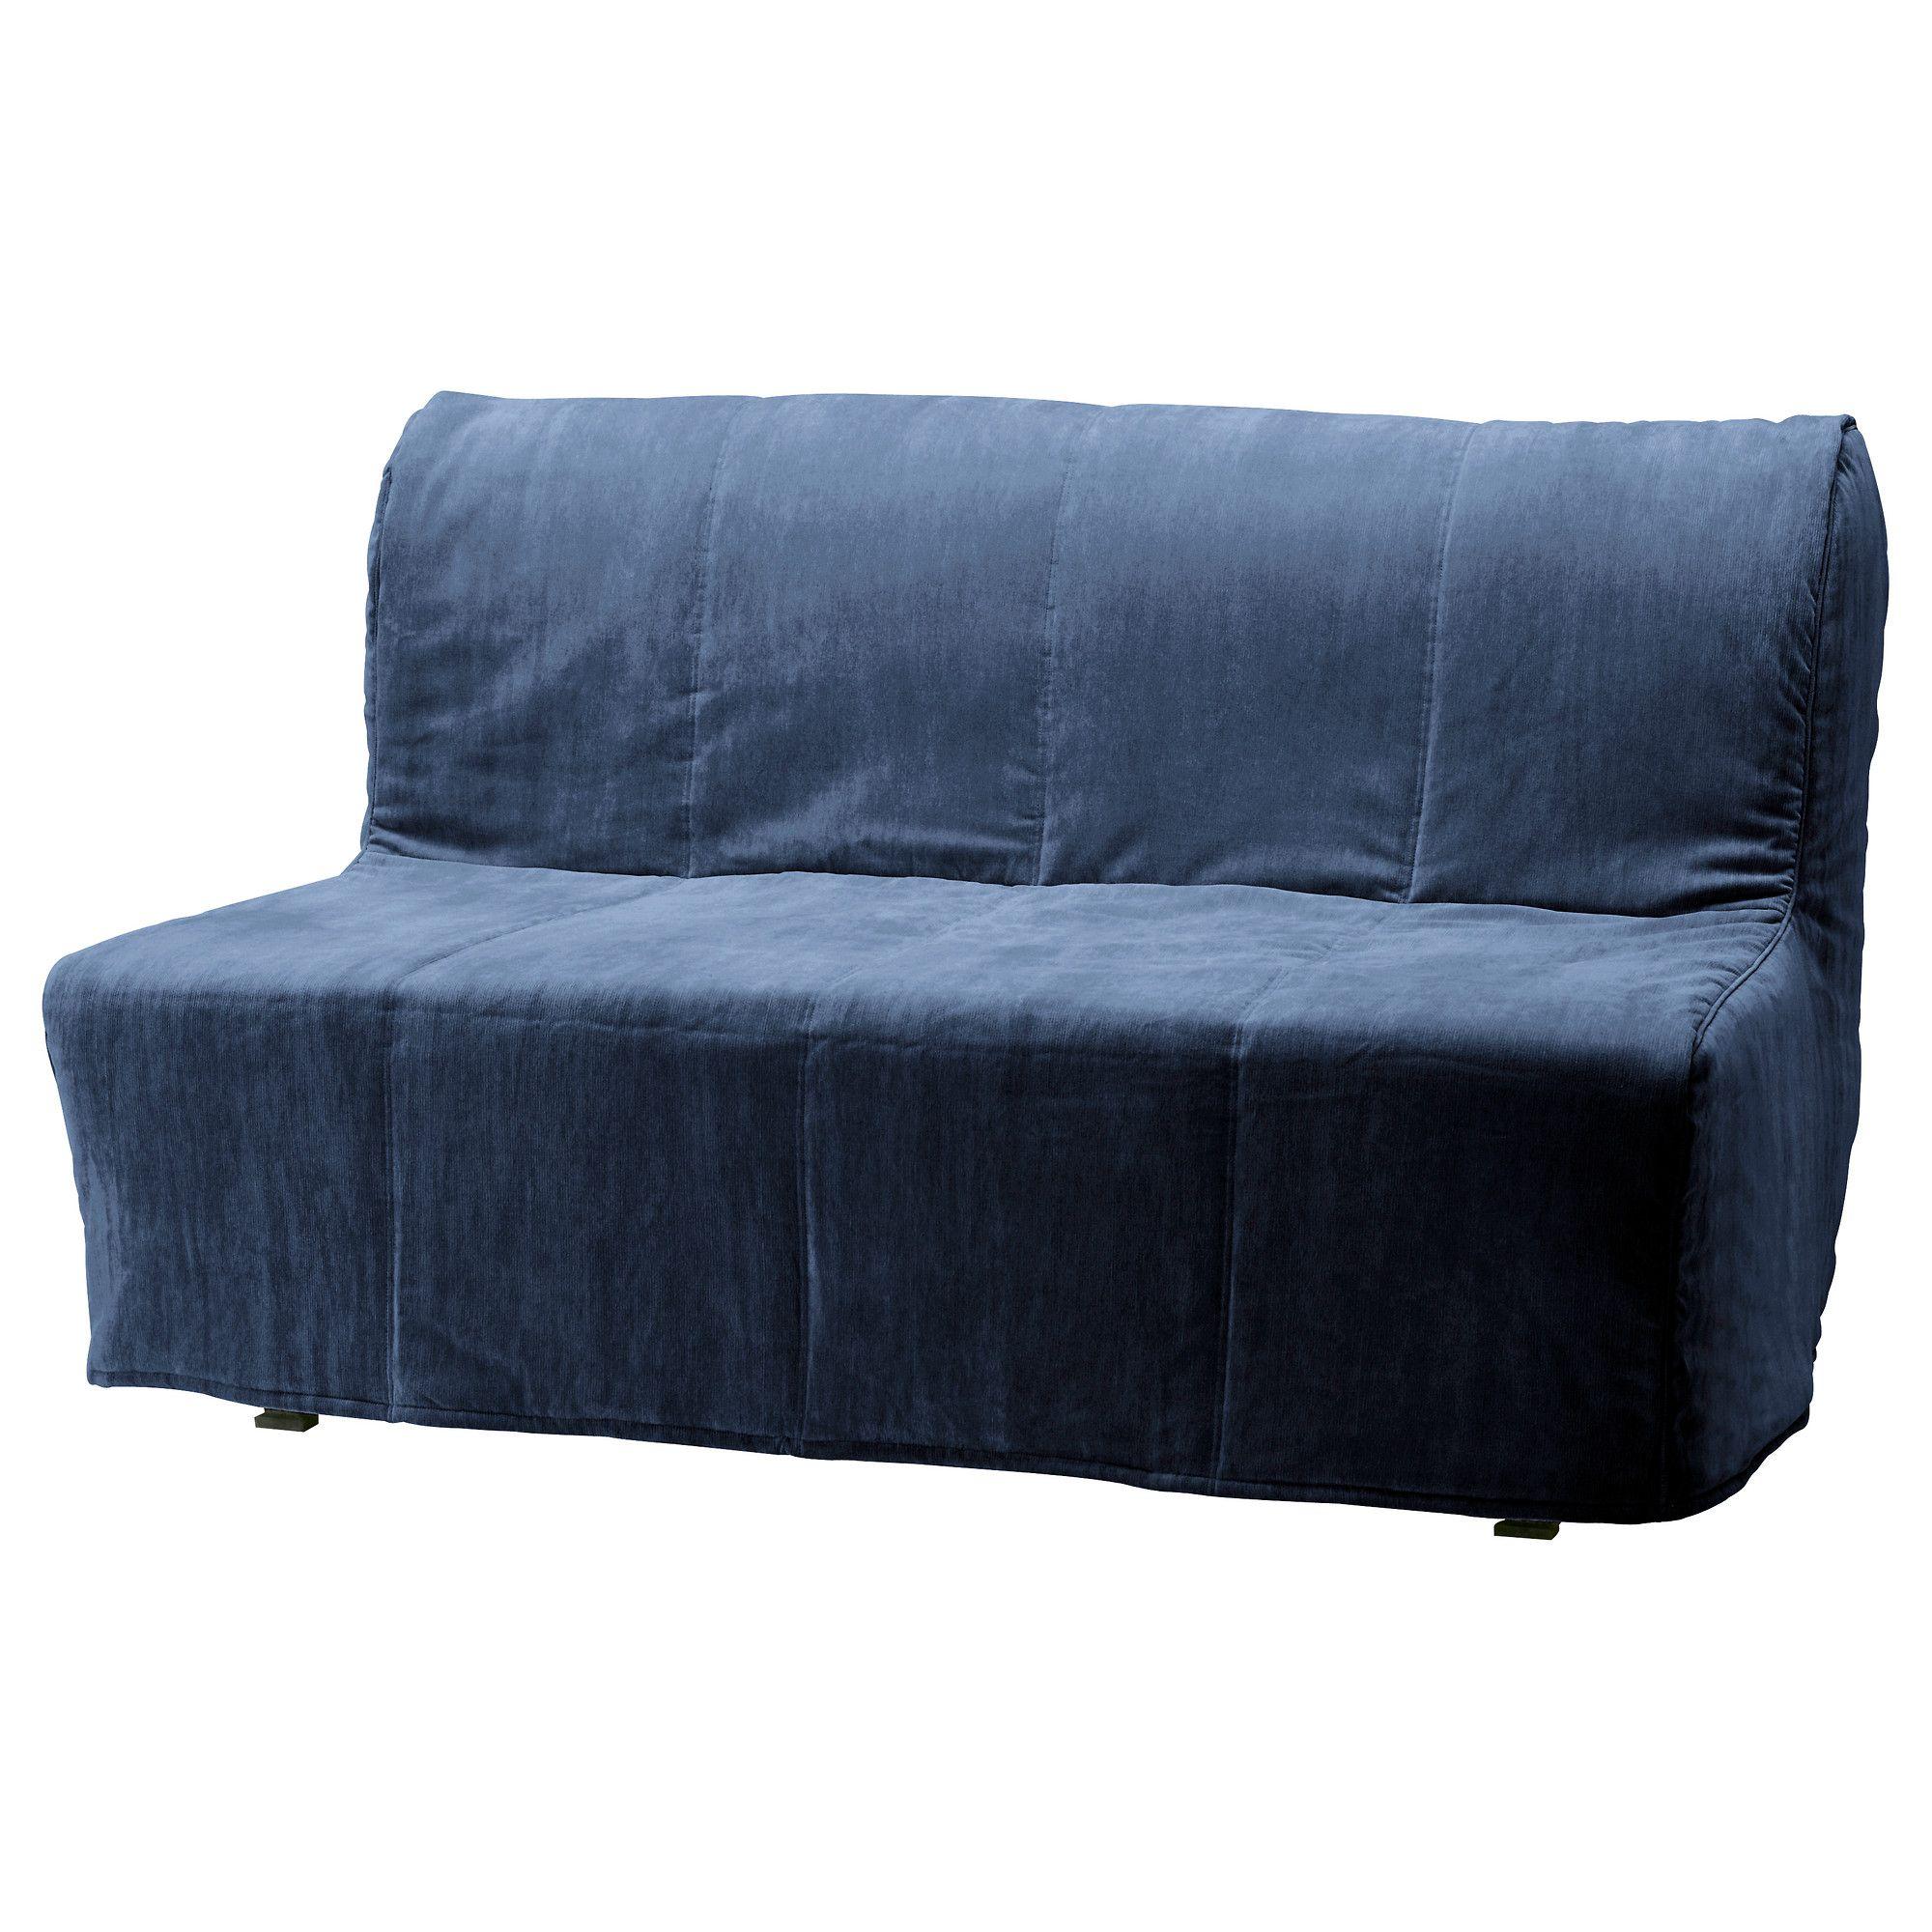 LYCKSELE MURBO 2er-Bettsofa - Henån blau - IKEA statt Sessel ...